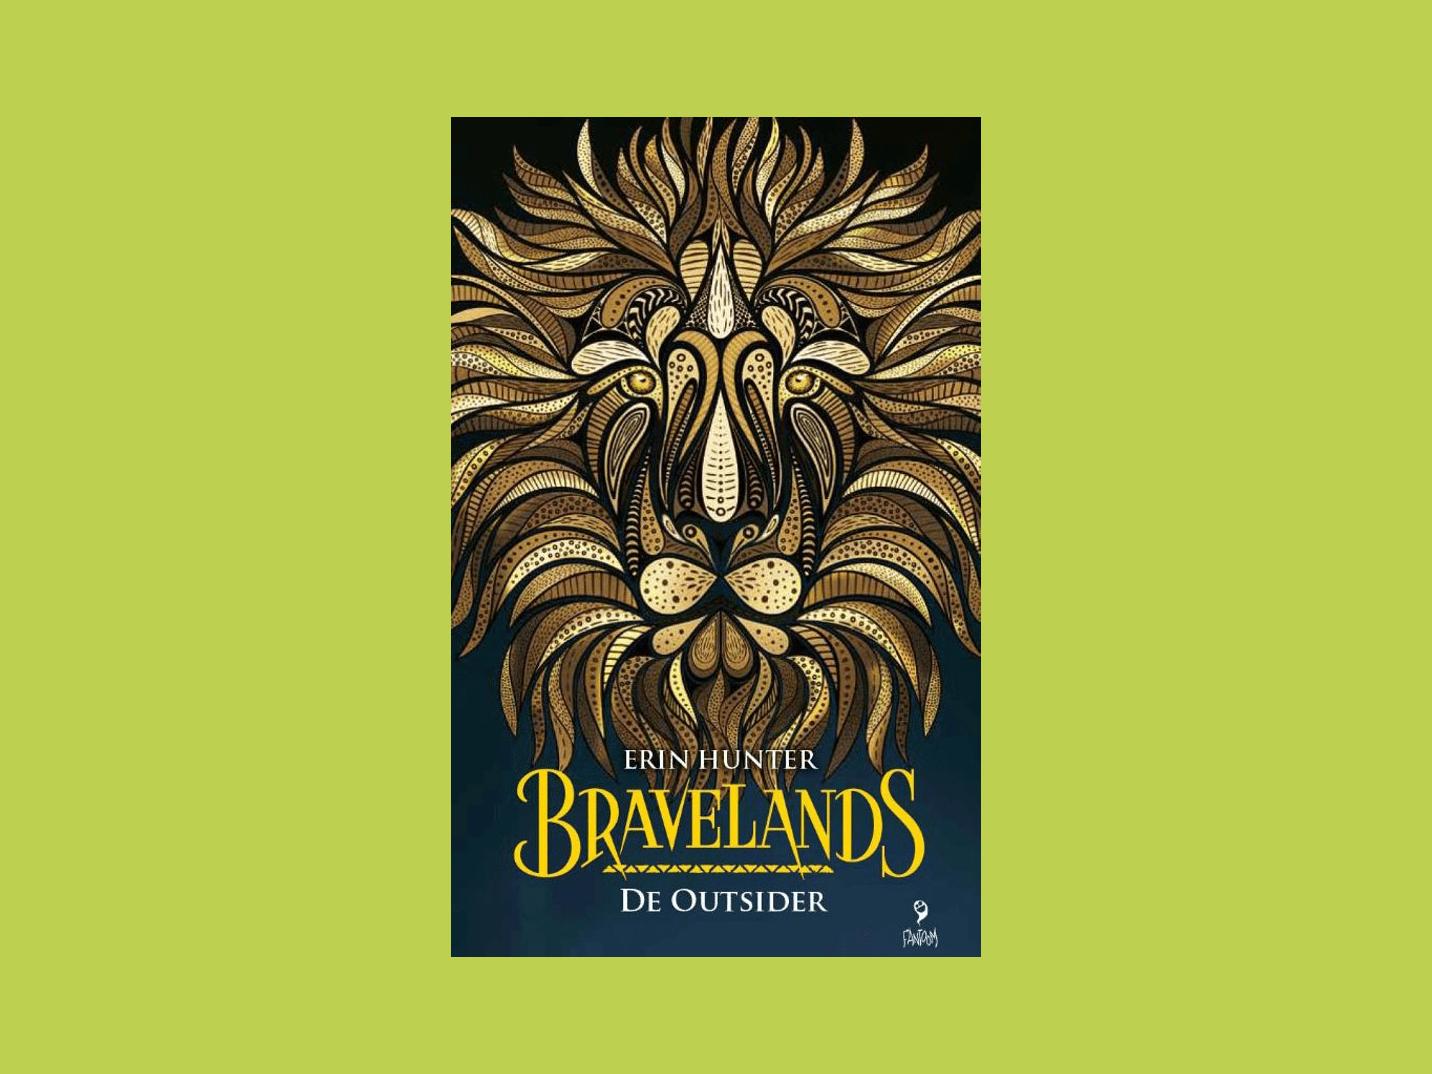 Boekbespreking Bravelands, de Outsider